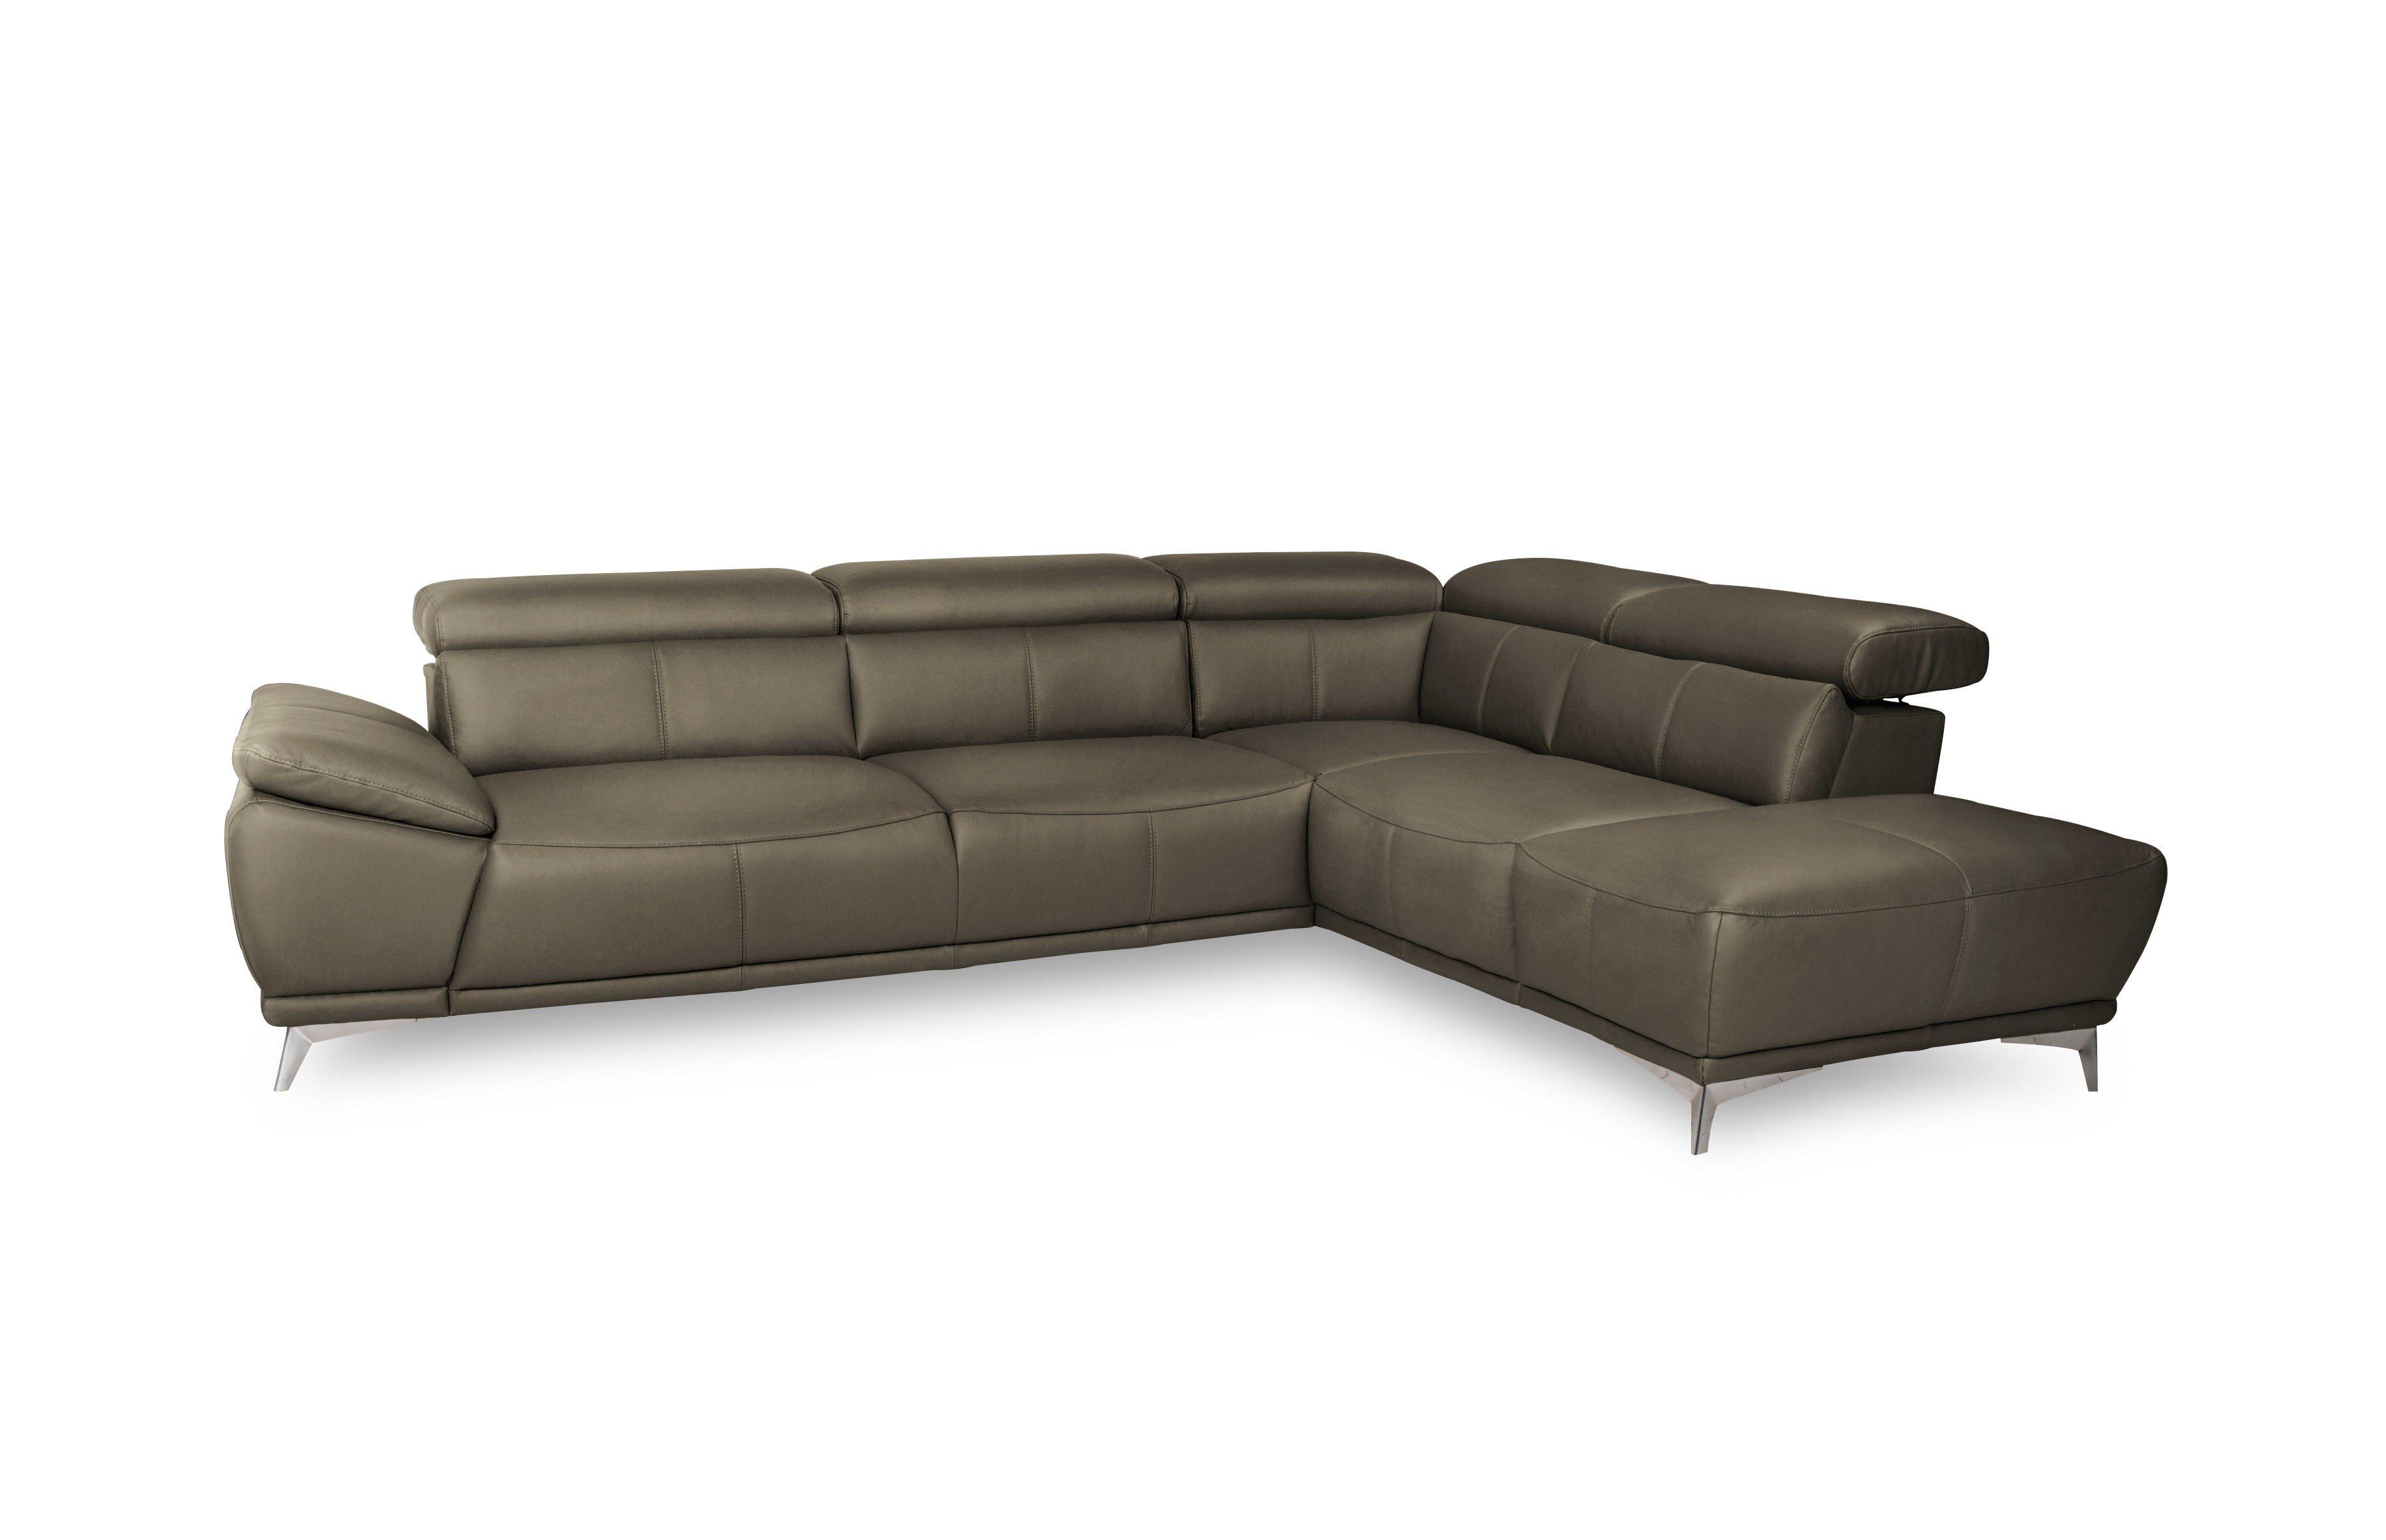 cotta felipe couchgarnitur in gr n braun m bel letz ihr online shop. Black Bedroom Furniture Sets. Home Design Ideas